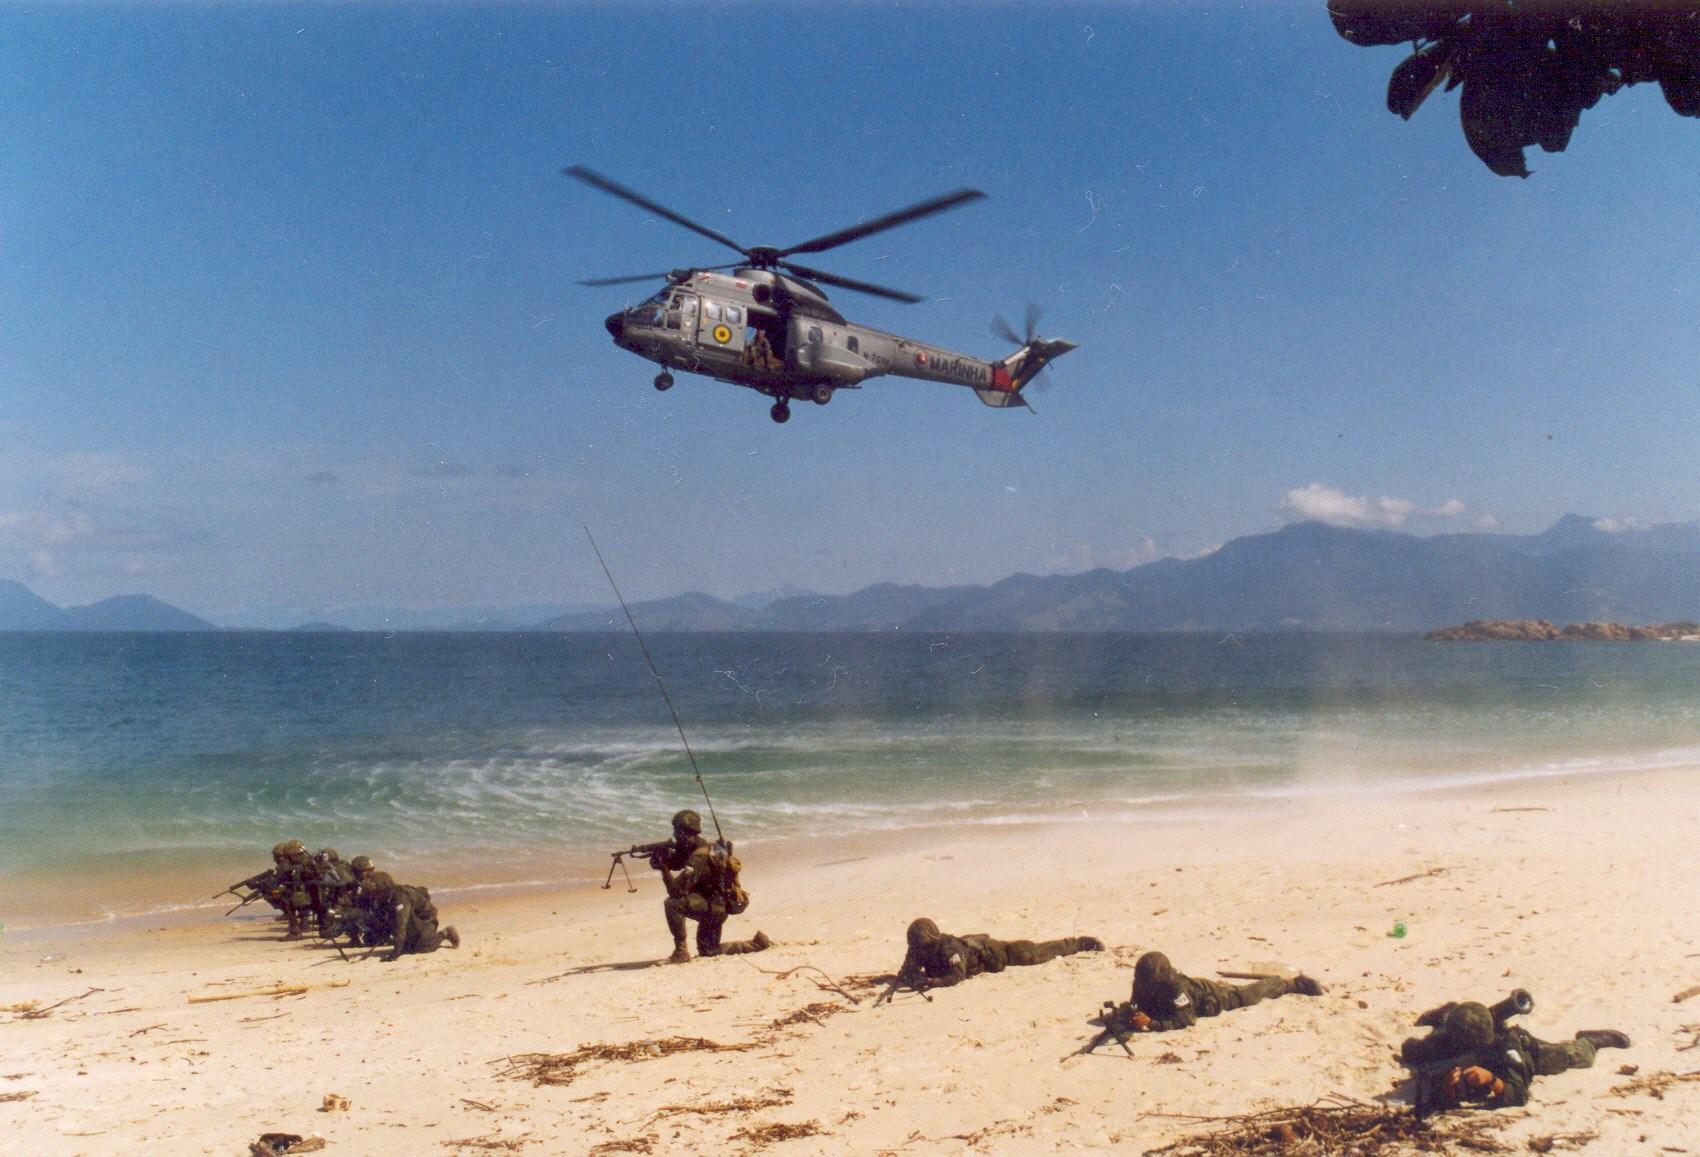 PÉGASUS-evadindo-após-desembarcar-tropas